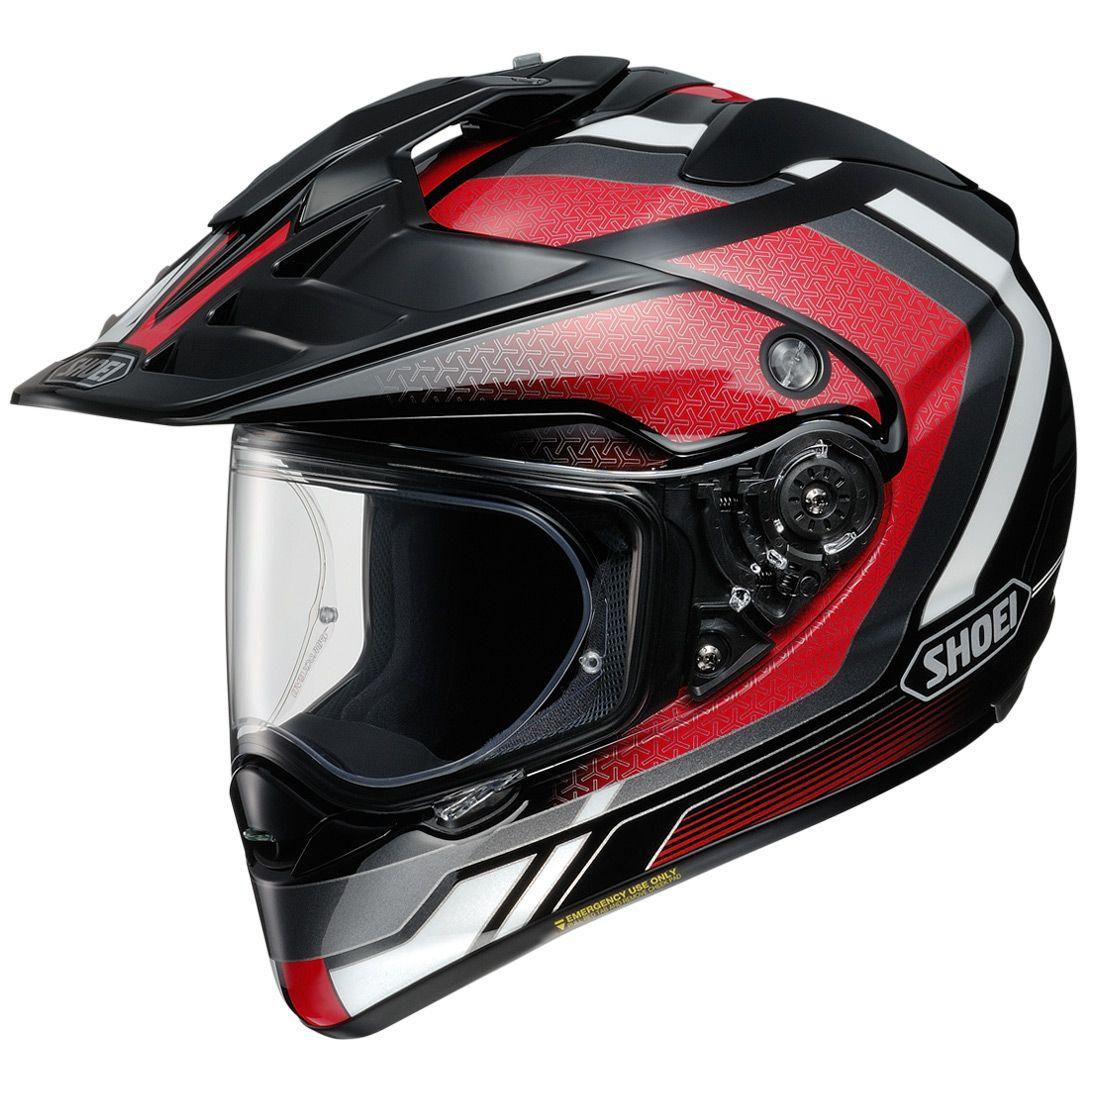 Shoei Hornet X2 Sovereign Helmet - Red, Black & White Image